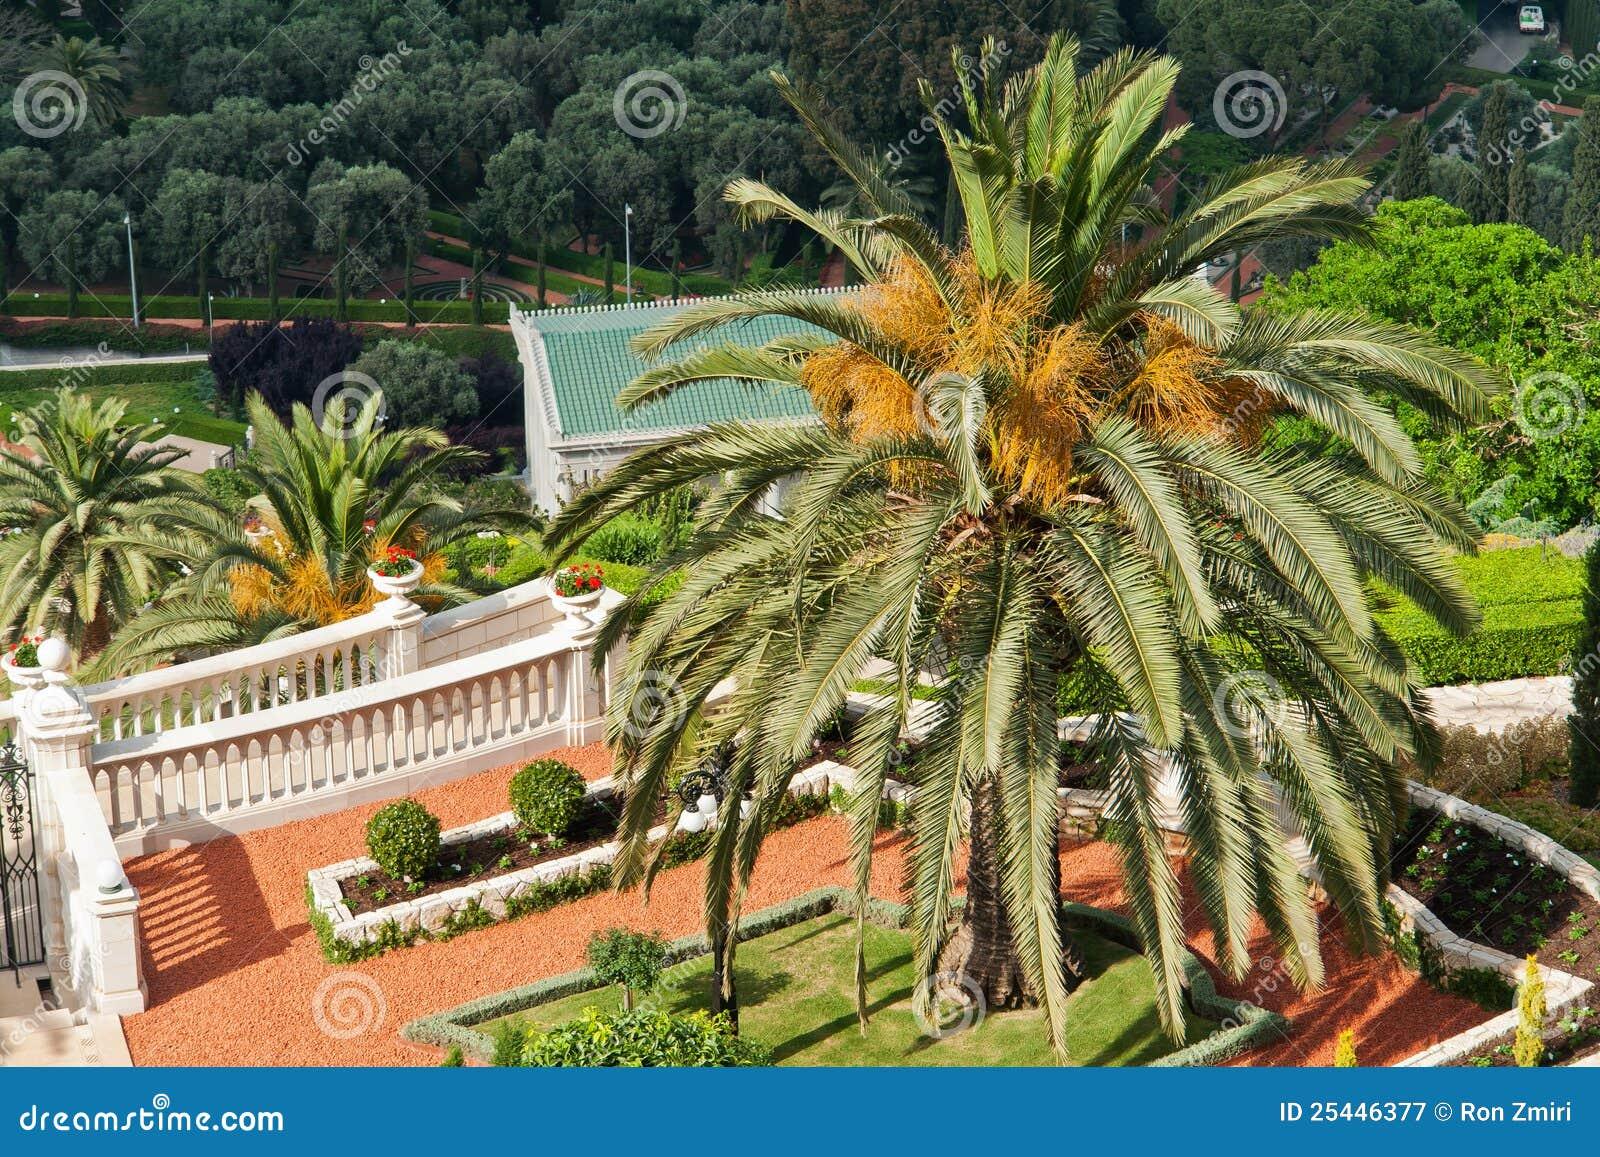 Particolari dei giardini di bahai a haifa israele - Giardini particolari ...